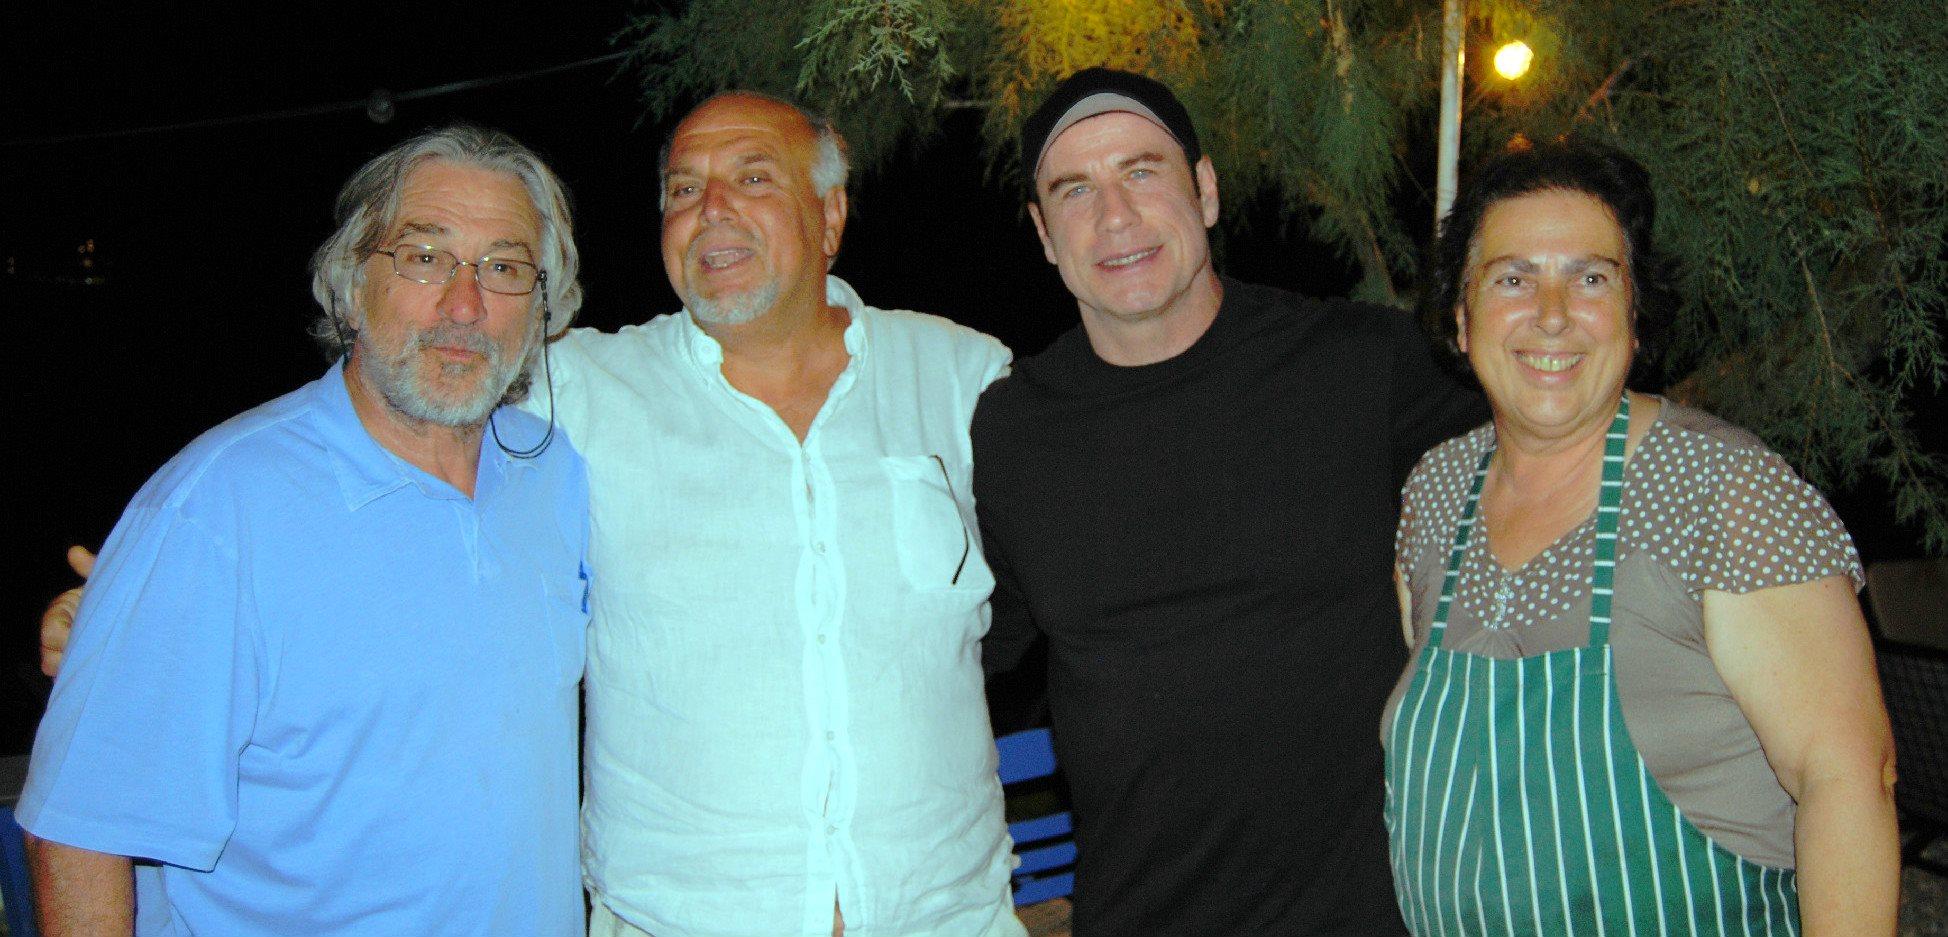 Ο Ρόμπερτ Ντενίρο και ο Τζον Τραβόλτα στη Σκόπελο, στην ταβέρνα του Γιώργου Κοσμά